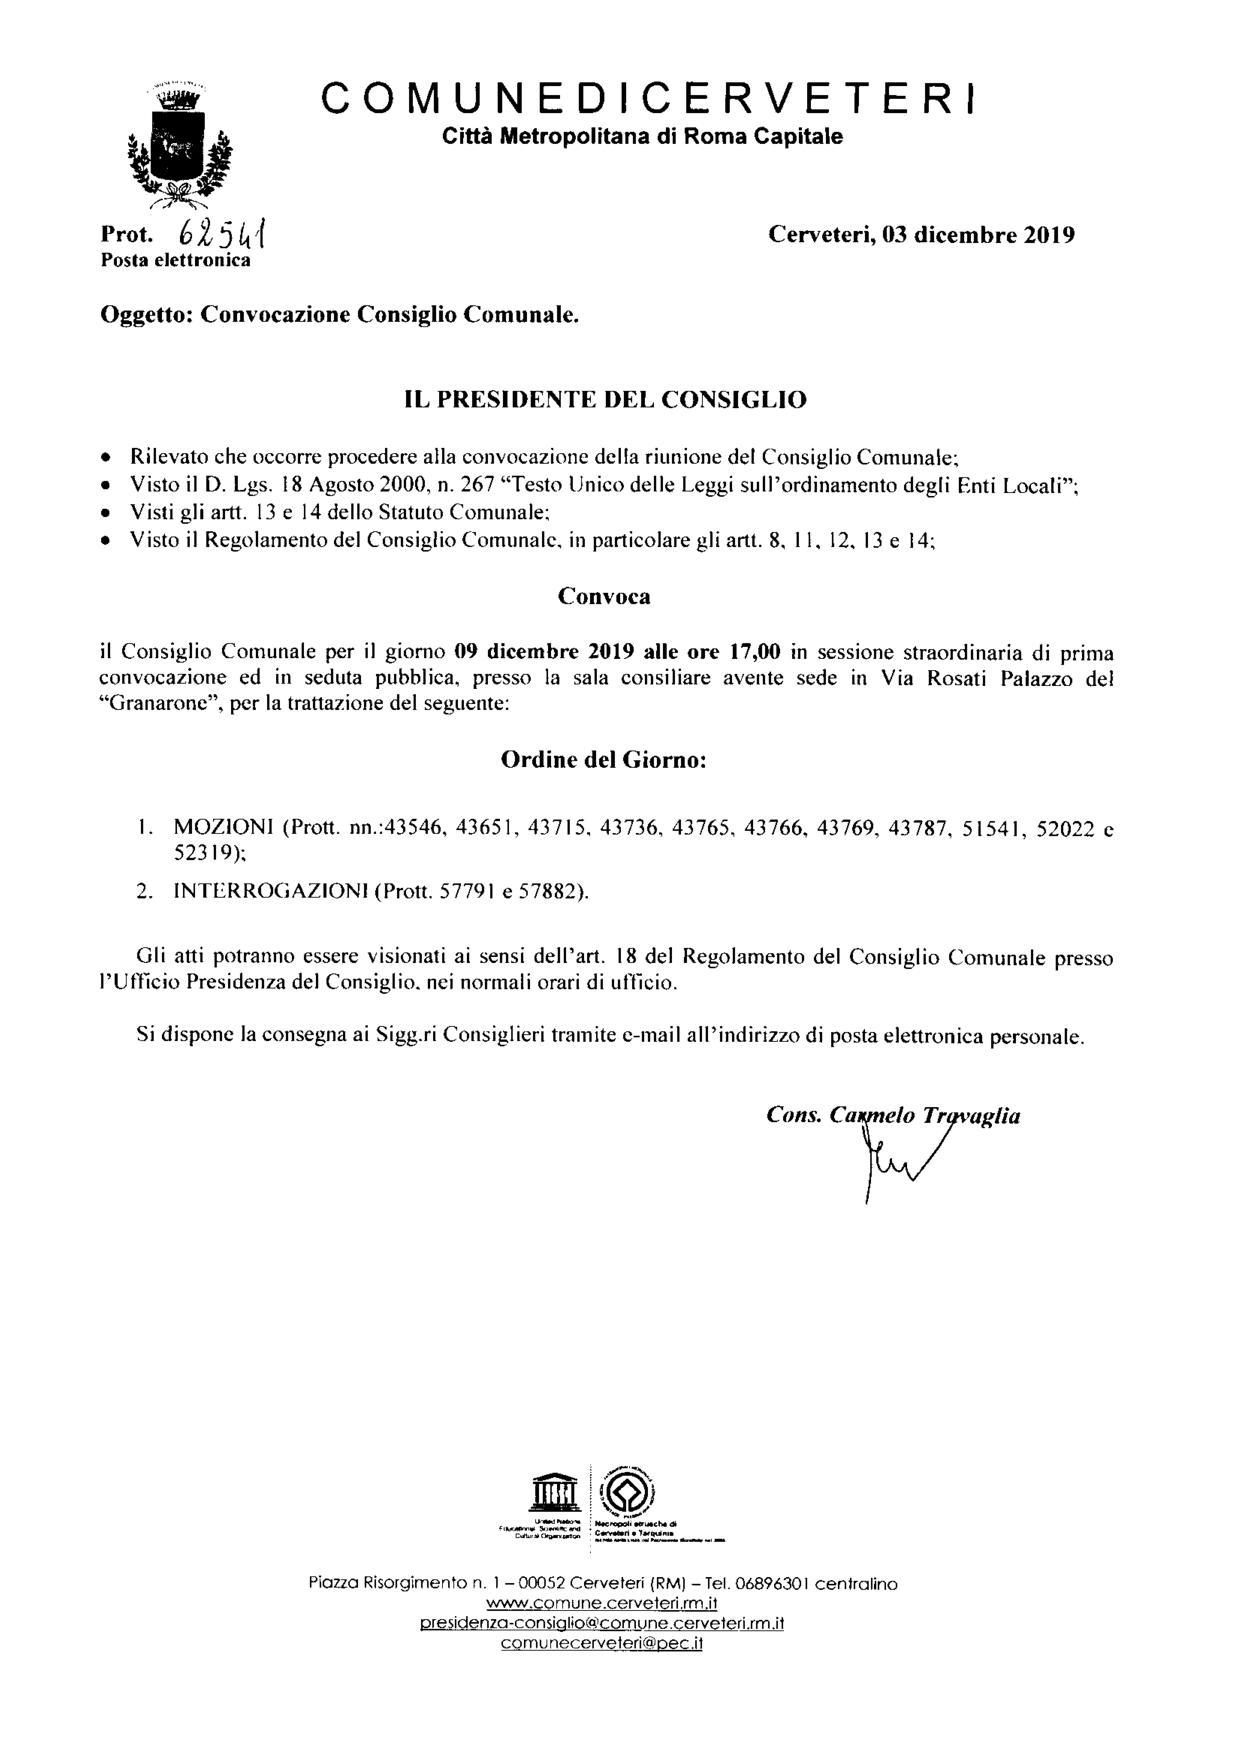 Convocazione Consiglio Comunale del 09/12/2019